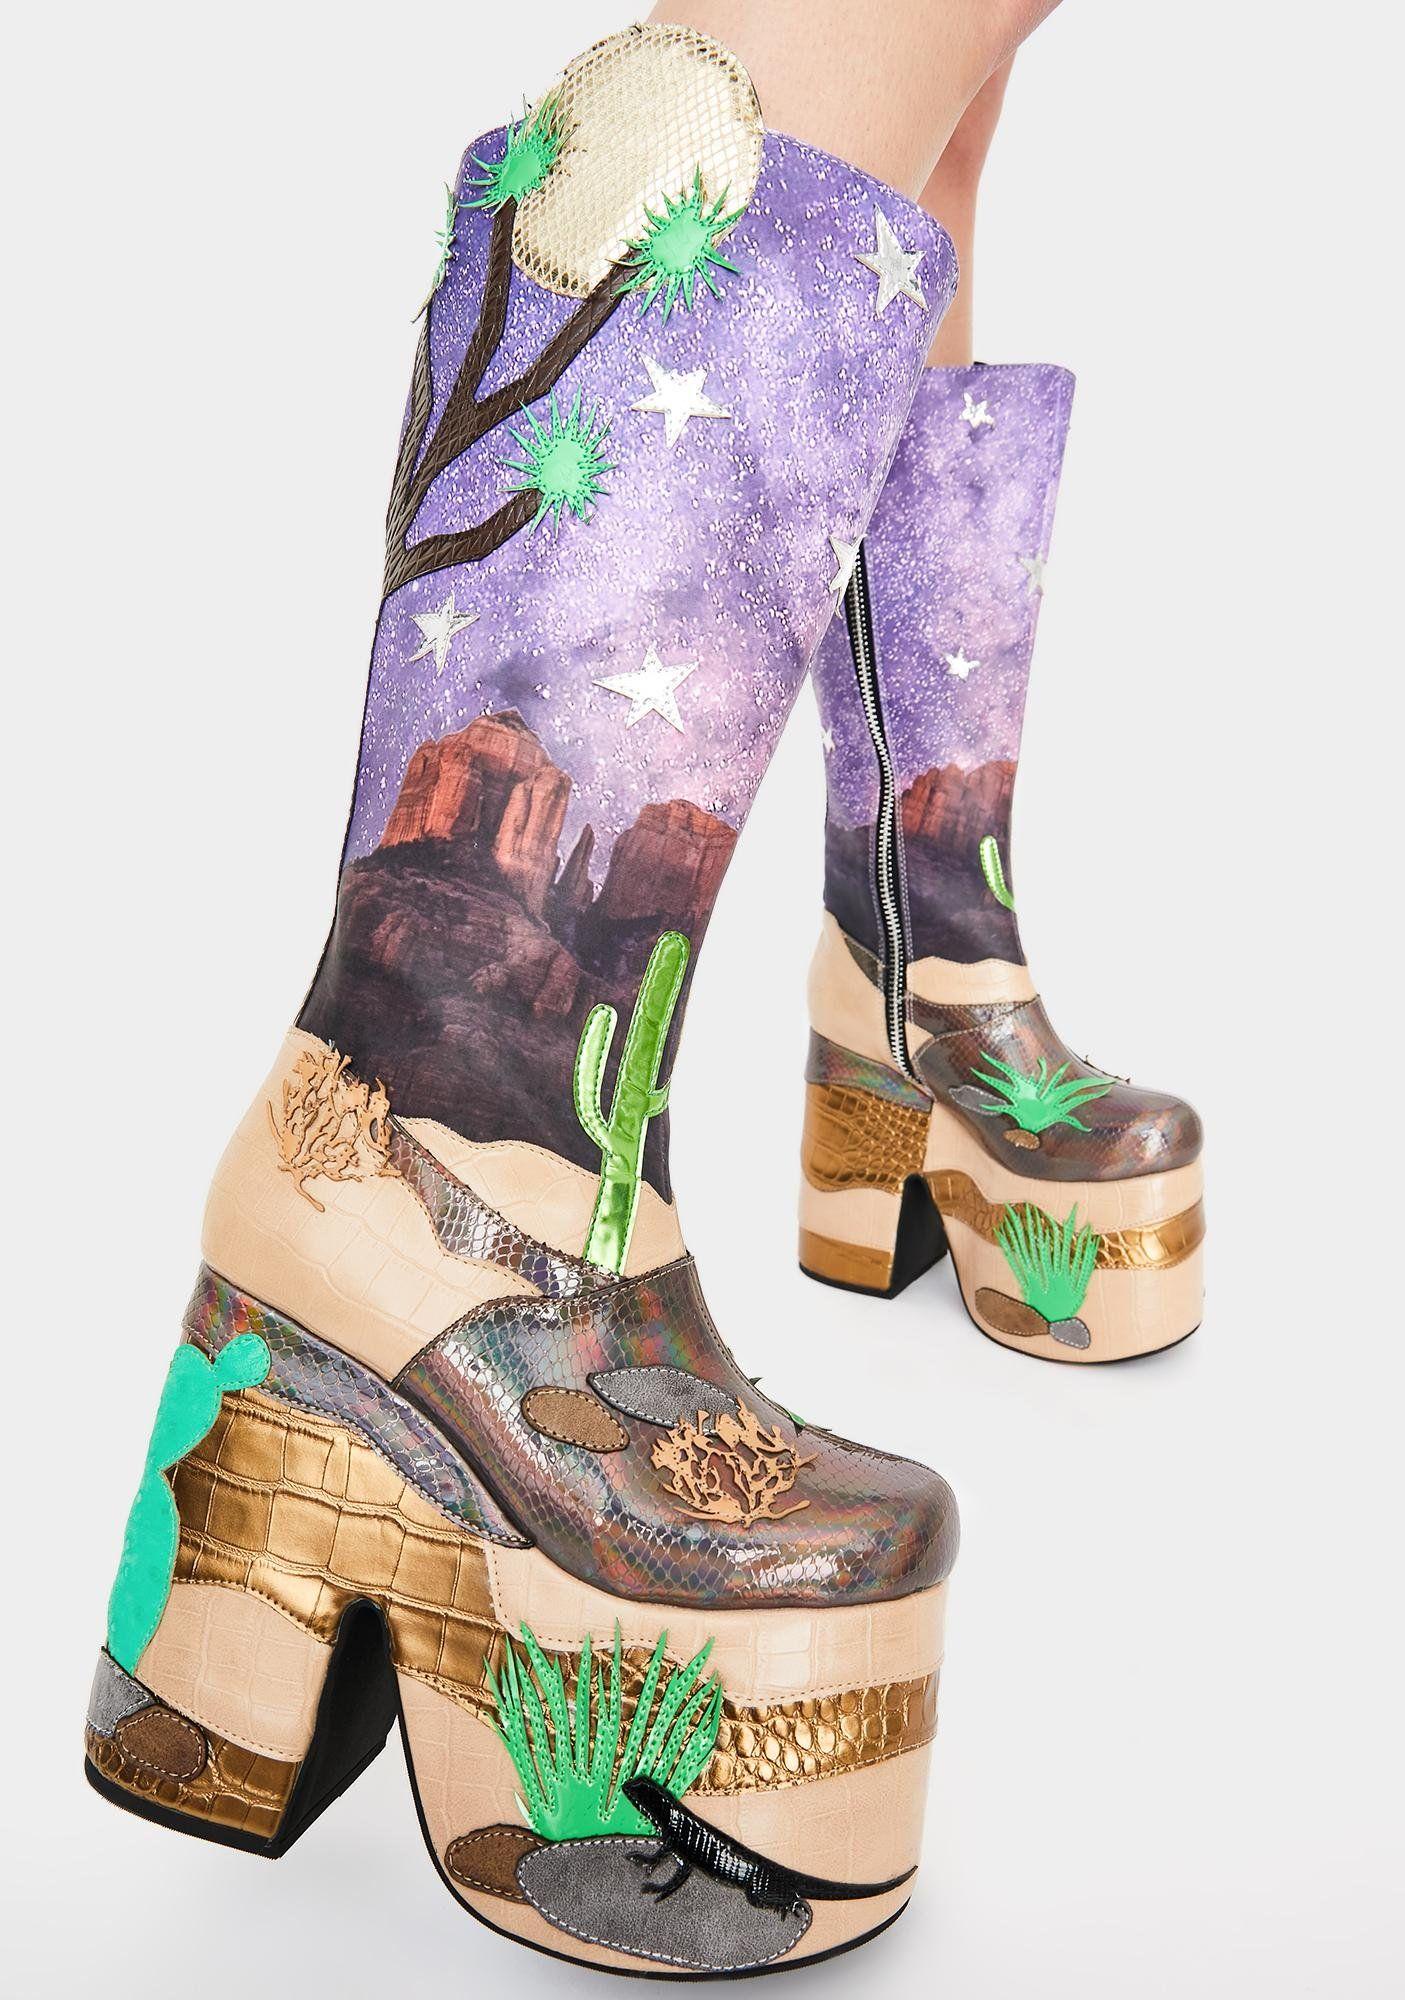 Stellar Astro Valley Platform Boots in